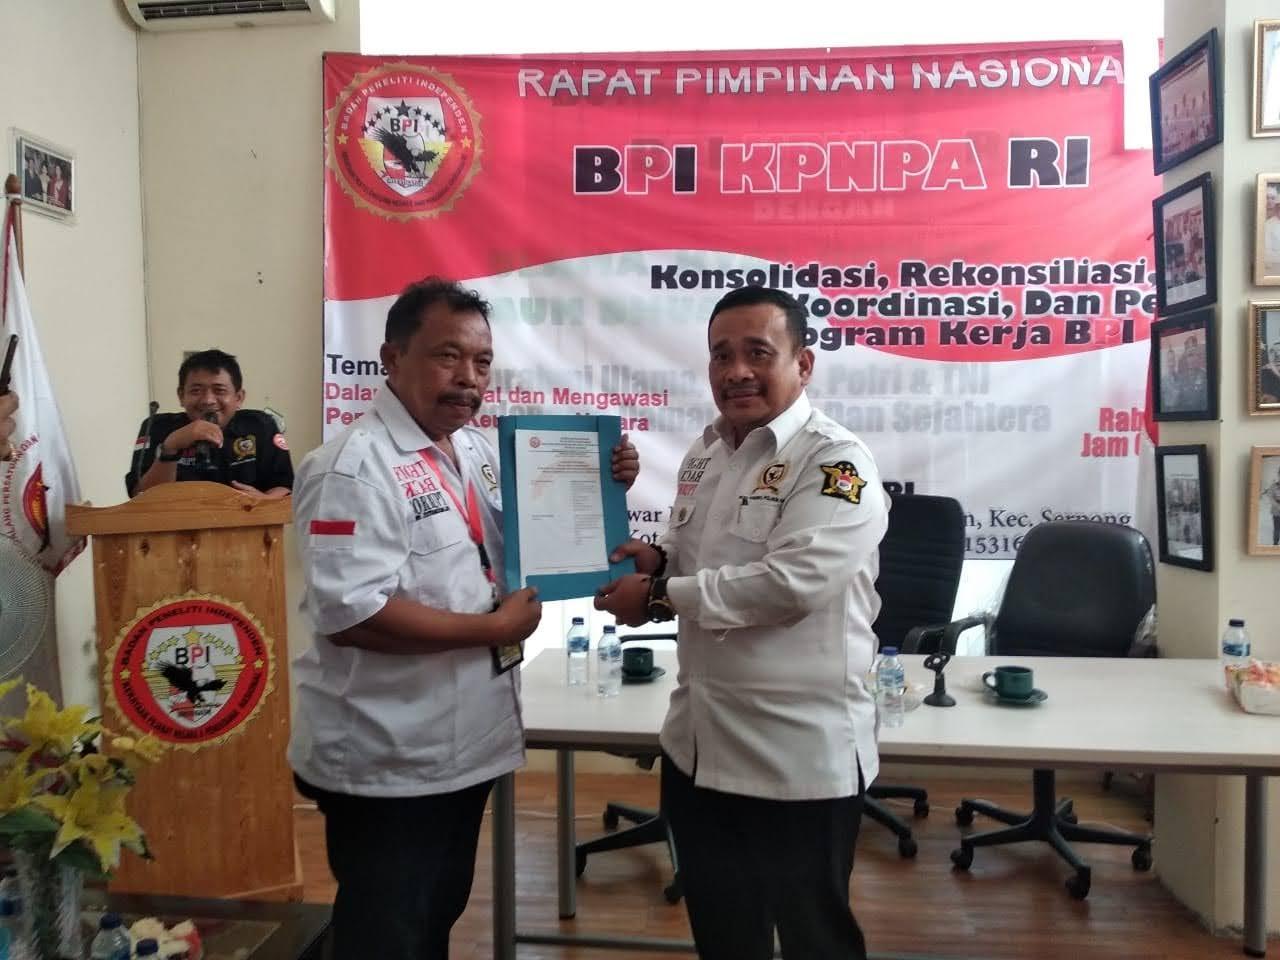 BPI KPNPA RI akan adakan Rapat Kerja Wilayah, Sejumlah Pejabat Negara & Daerah dianugerahkan BPI Award